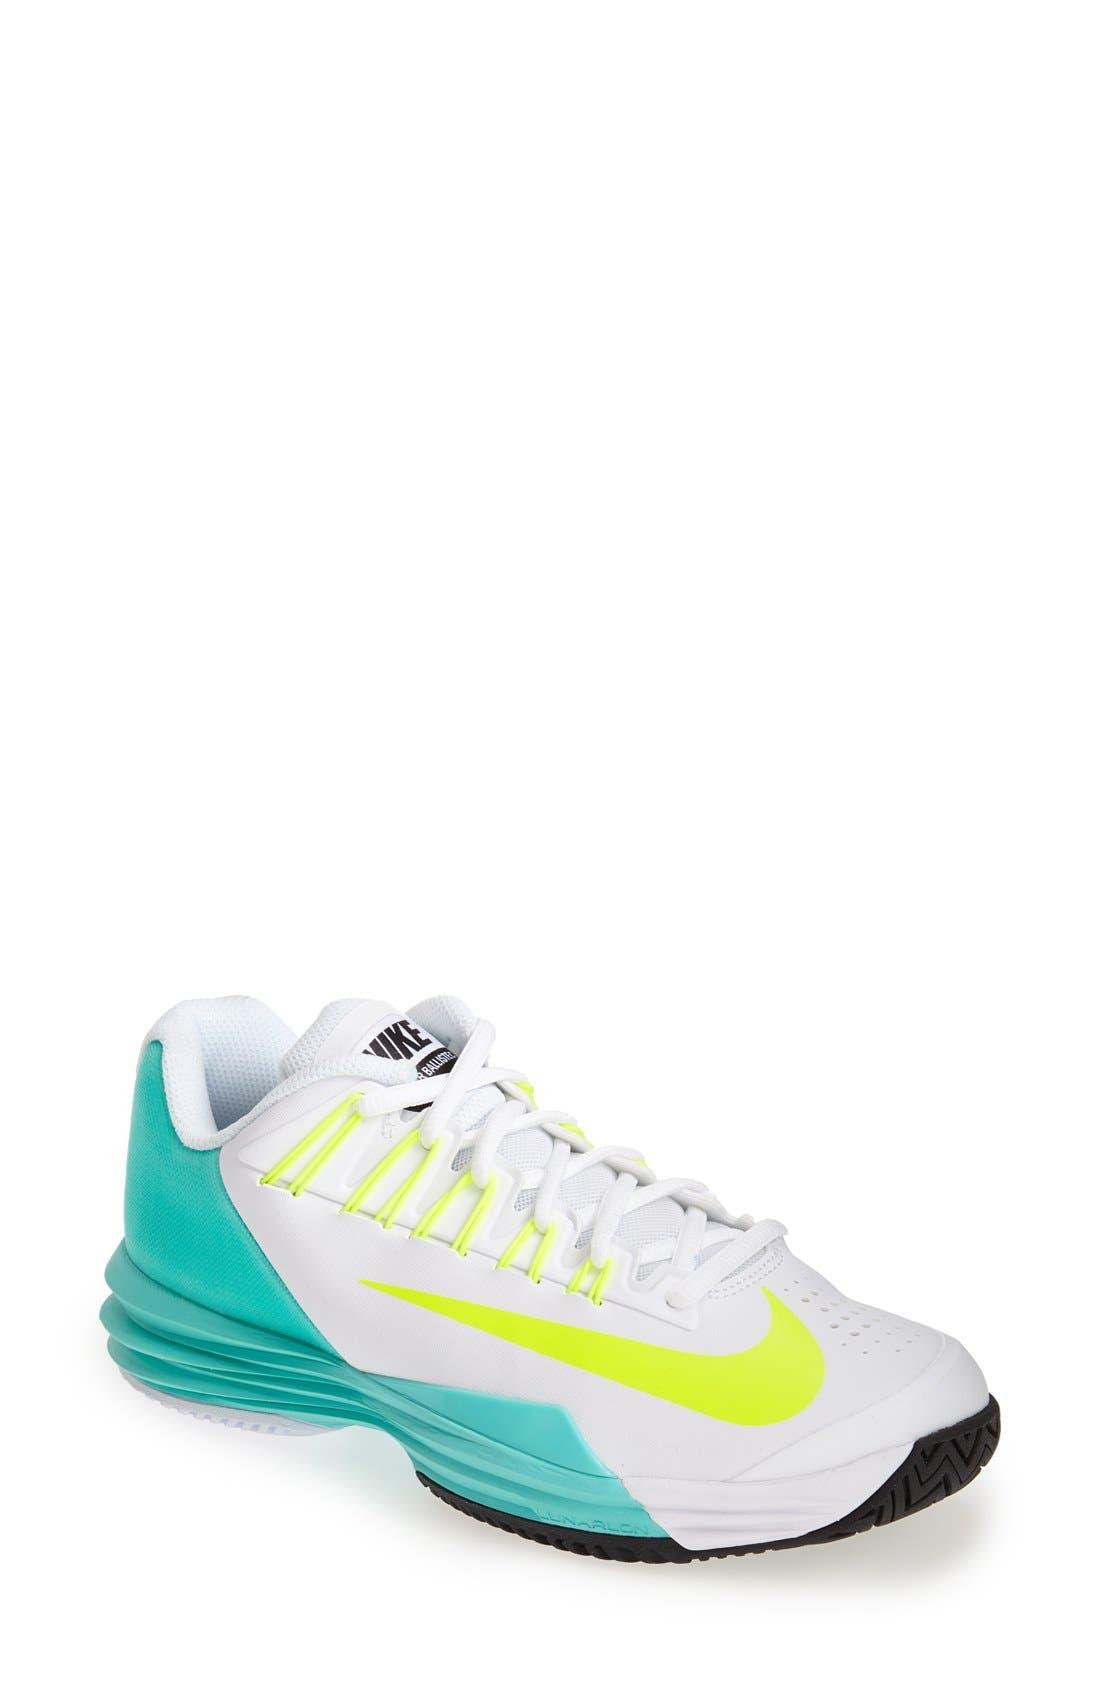 Main Image - Nike 'Lunar Ballistec' Tennis Shoe (Women)